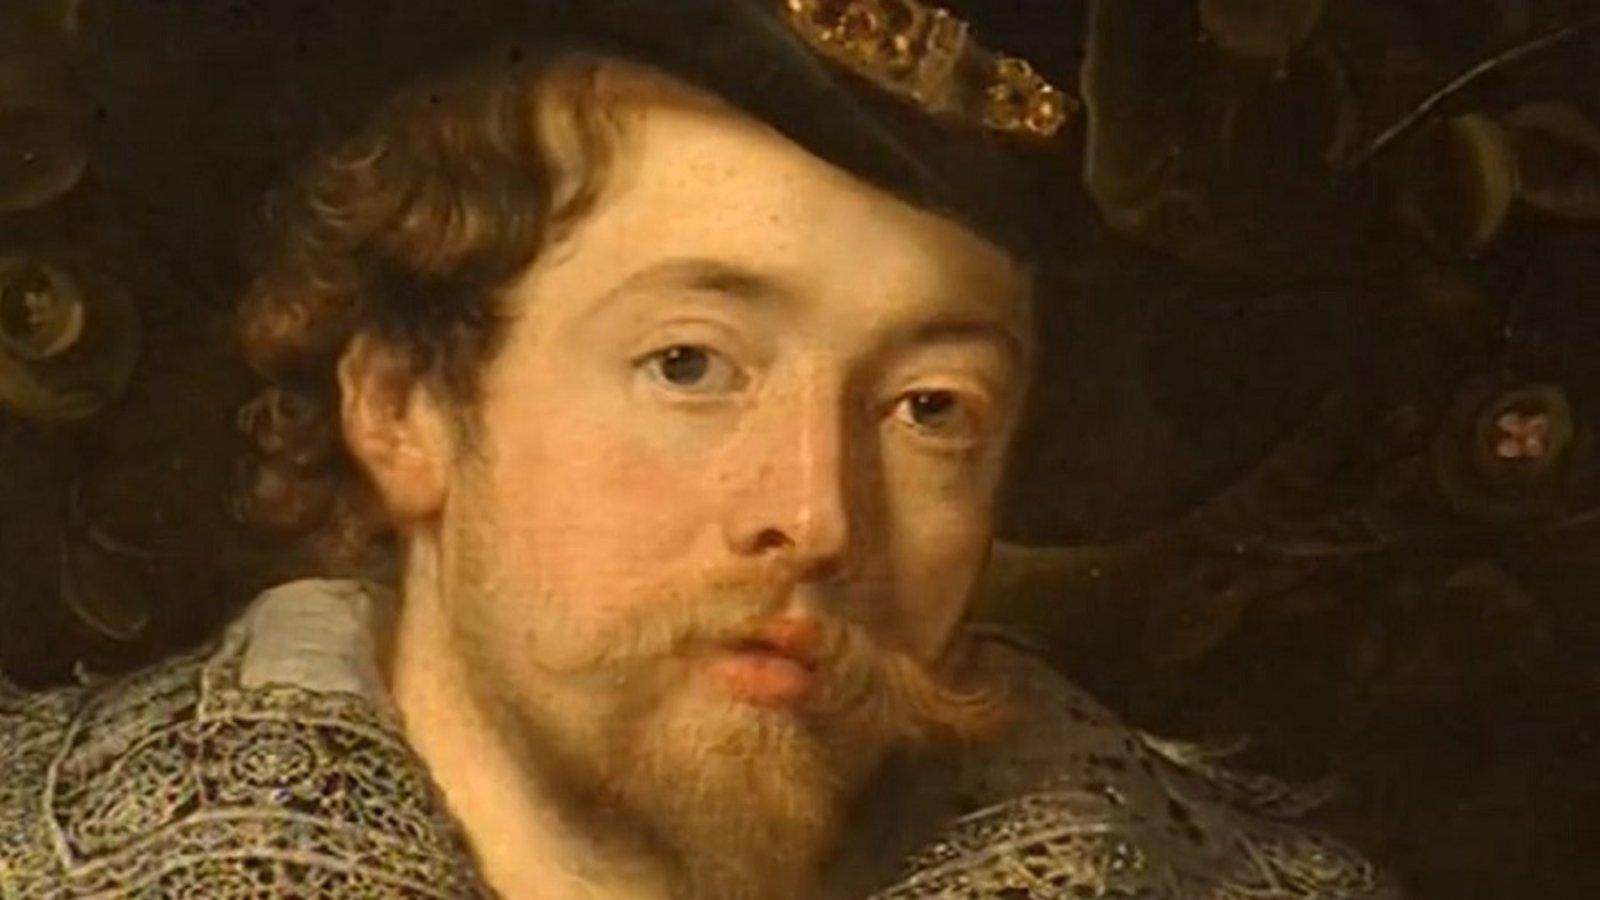 Rubens and Caravaggio